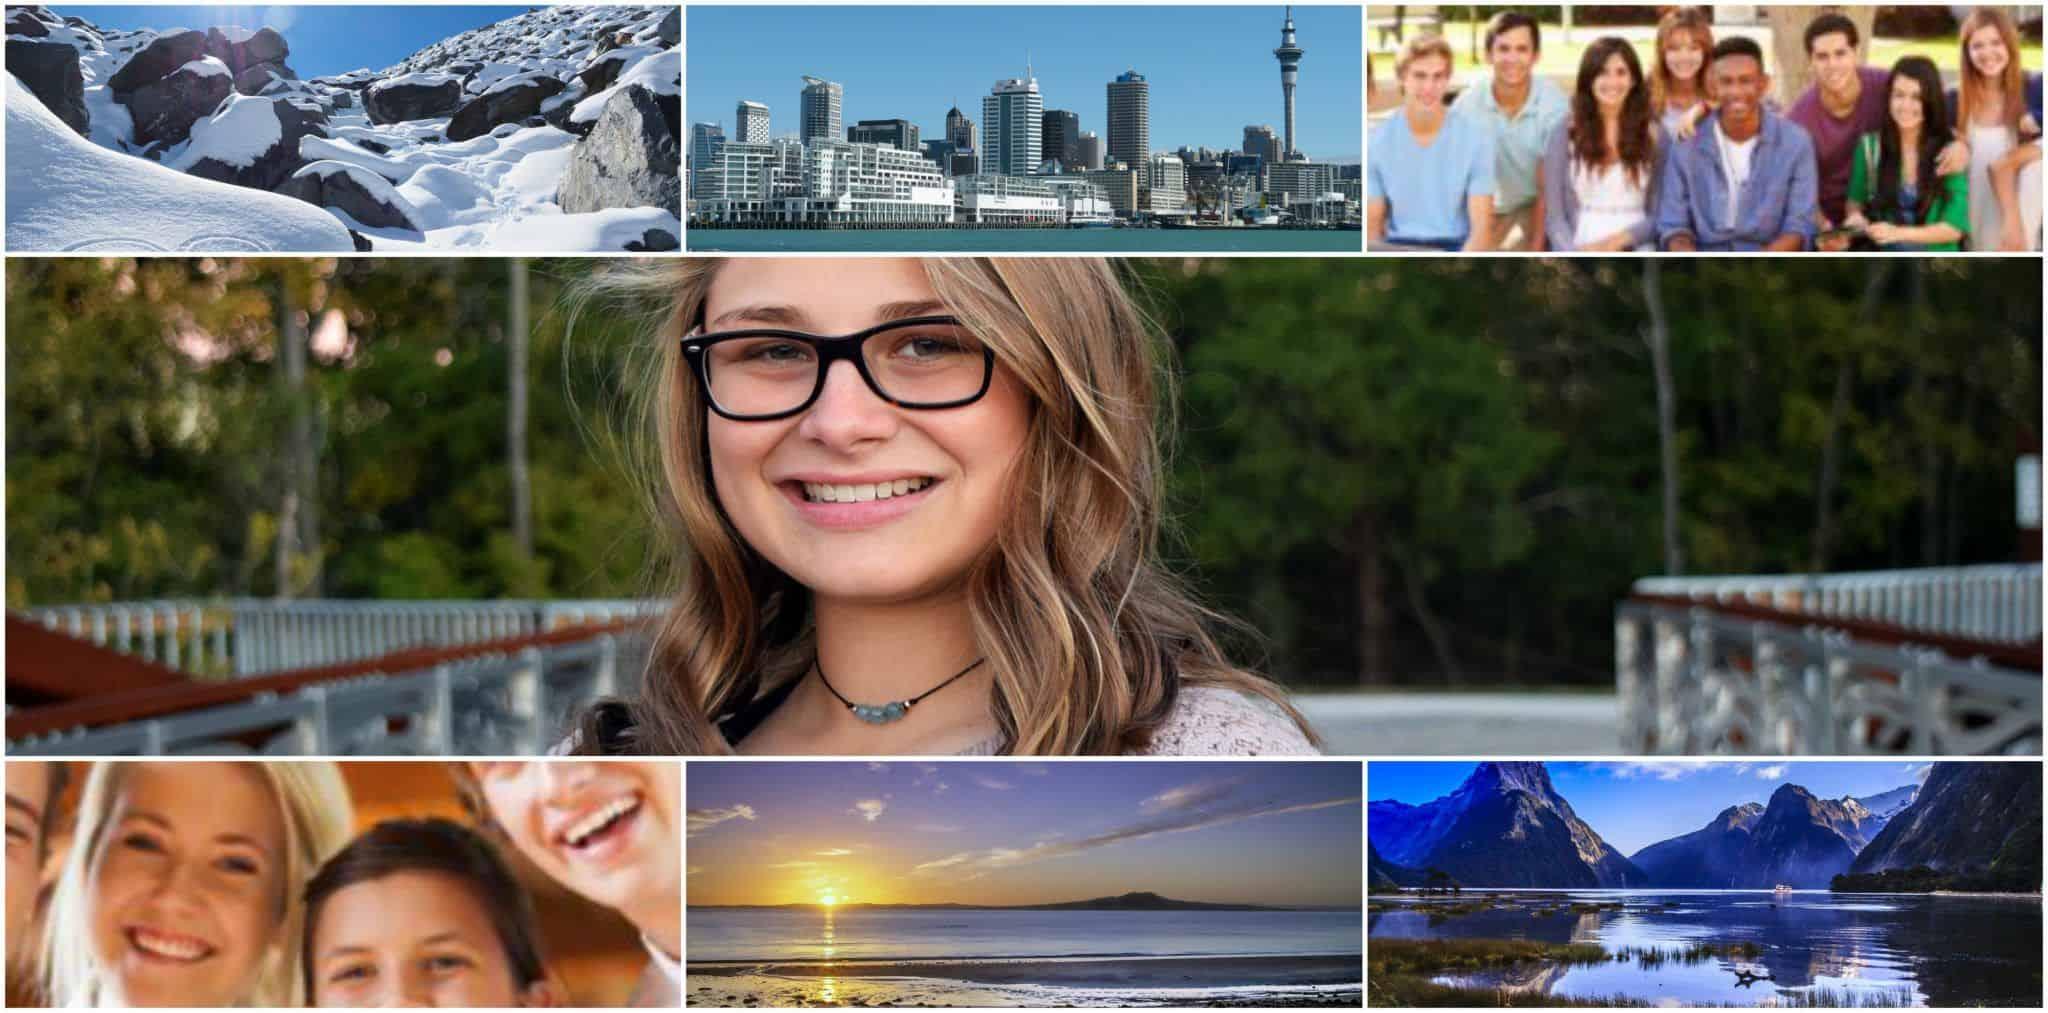 Bildung in Neuseeland - Lizenzierte Studienberater helfen Kostenfrei